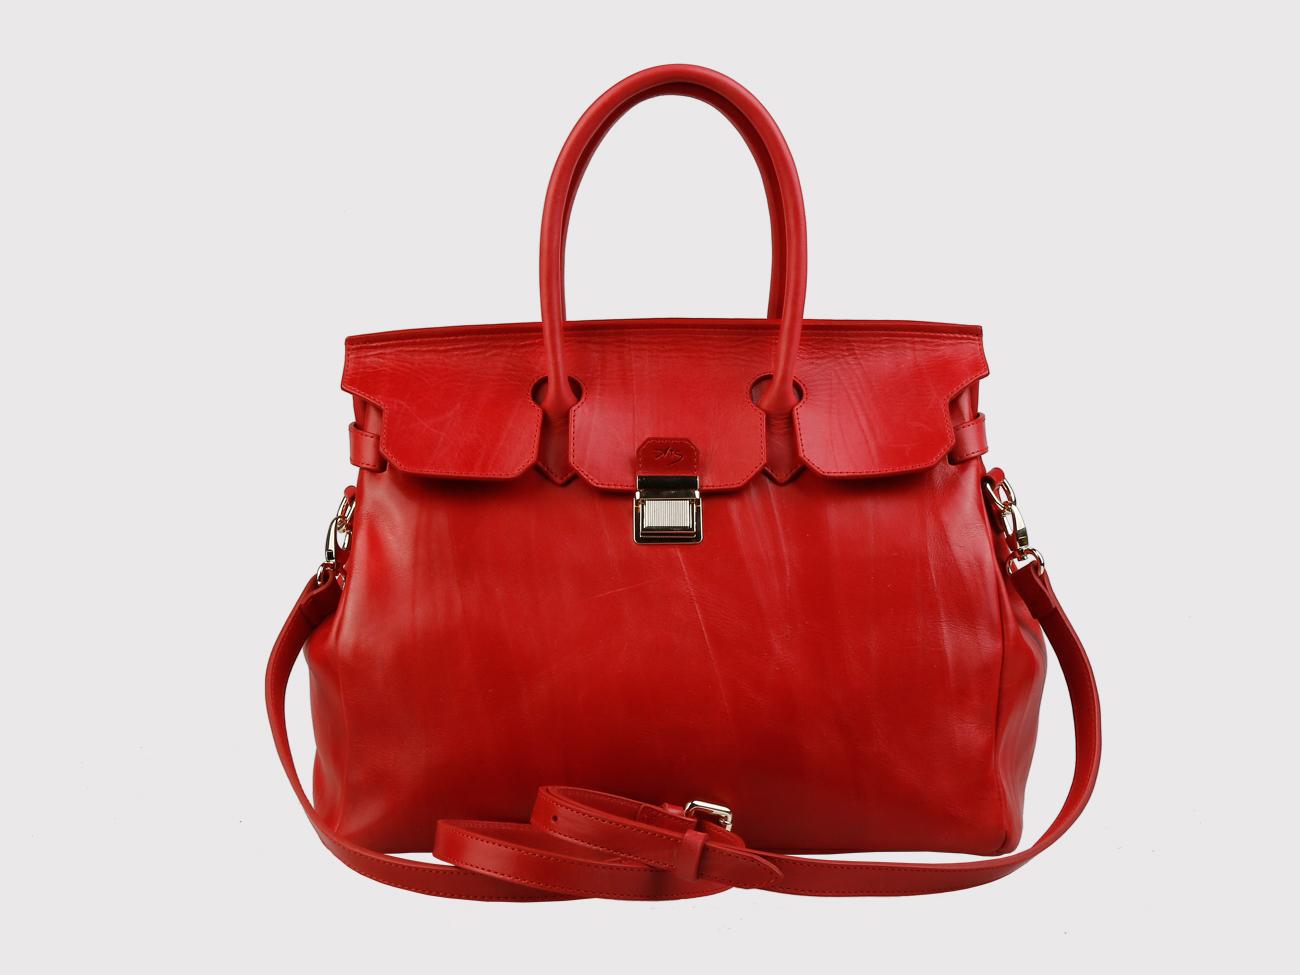 e7d9c9648b76 Недорого купить красную кожаную женскую сумку из натуральной кожи ...